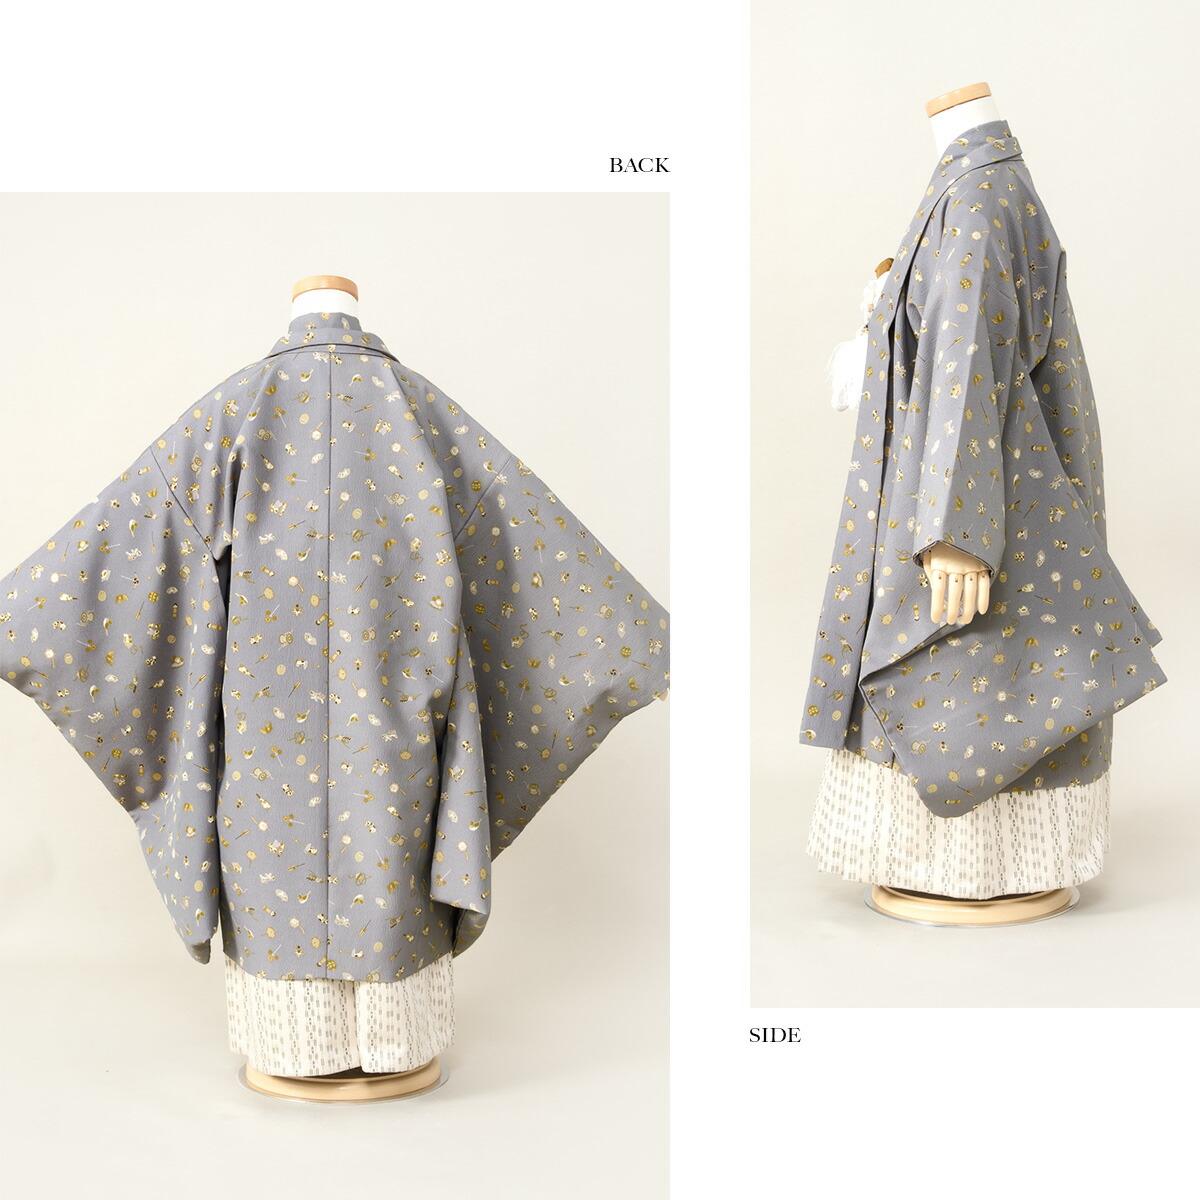 お子様の健やかな成長を願う羽織・袴セット